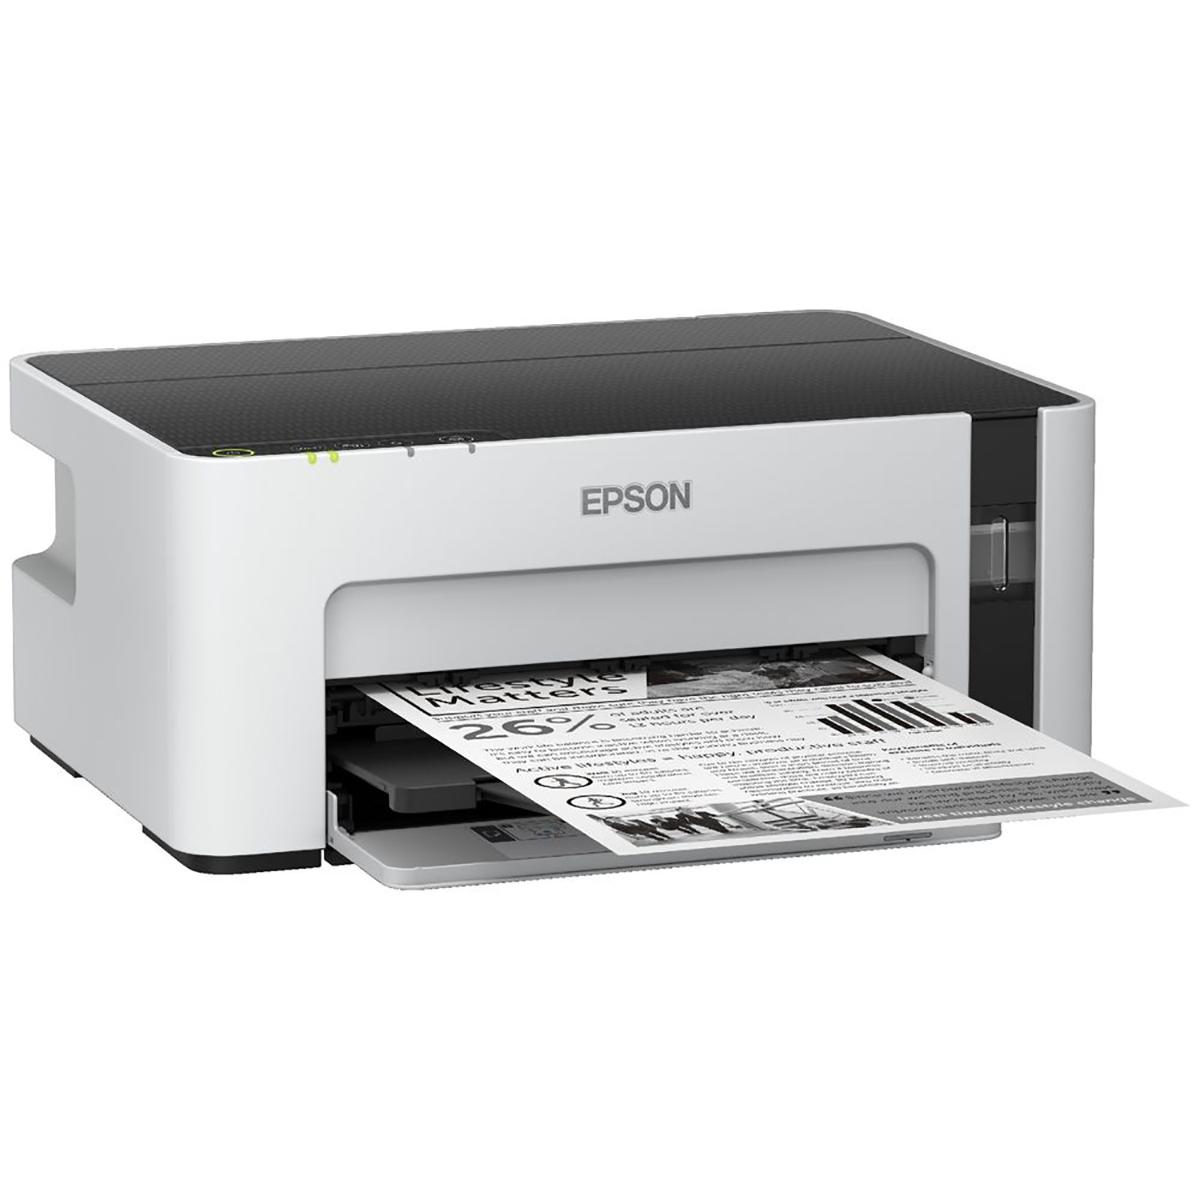 Epson EcoTank ET-M1120 A4 Mono Inkjet Printer